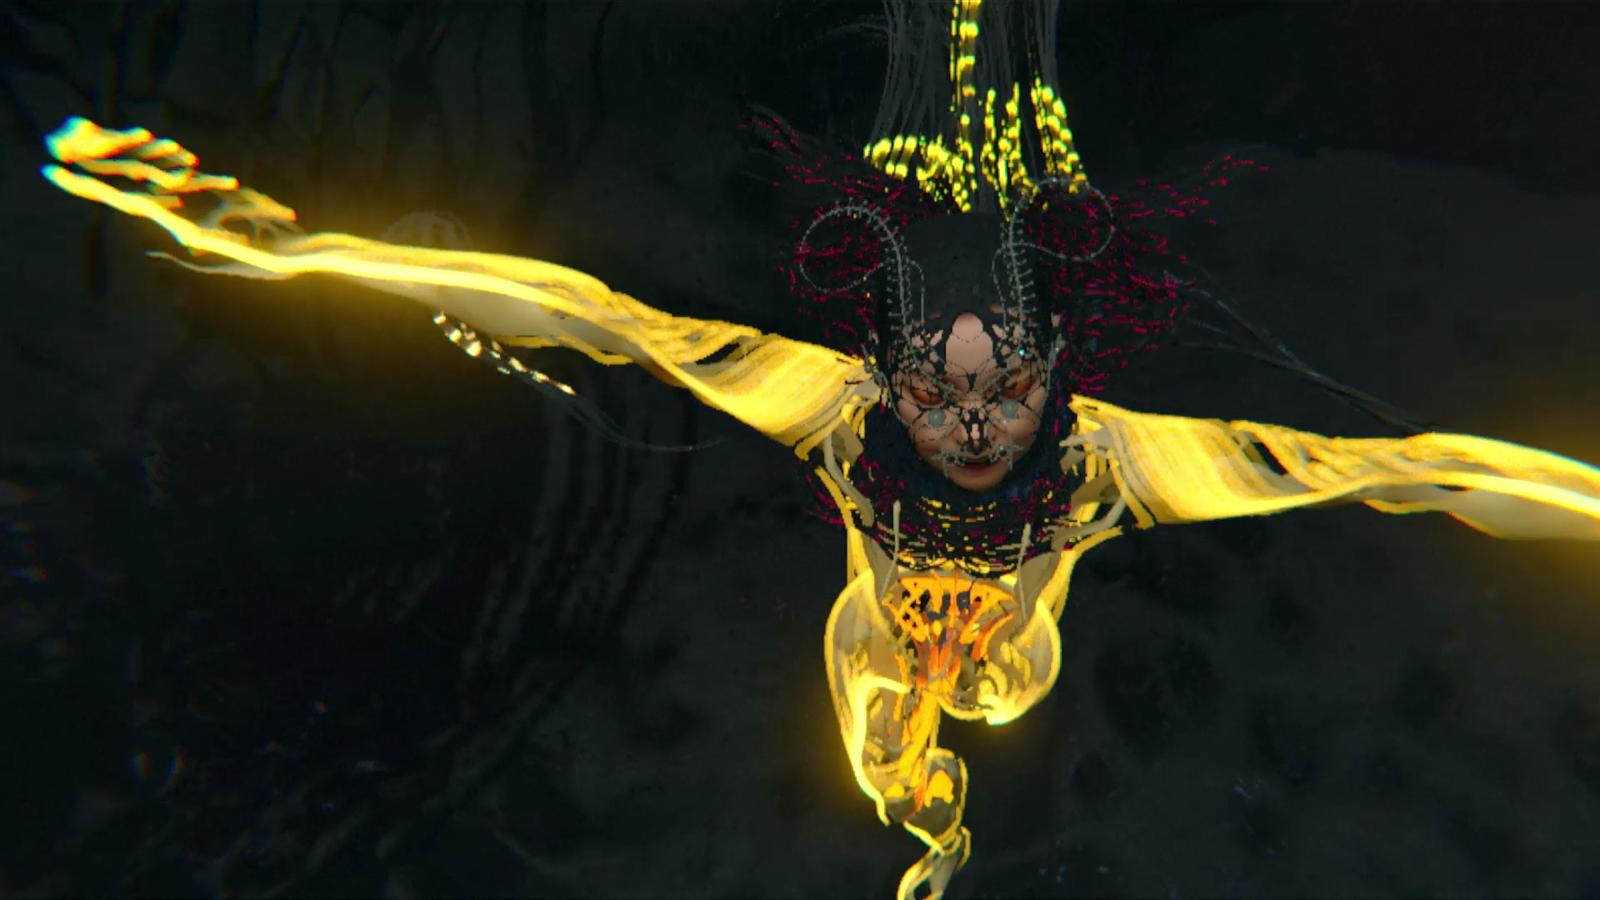 Exposició Björk digital al CCCB